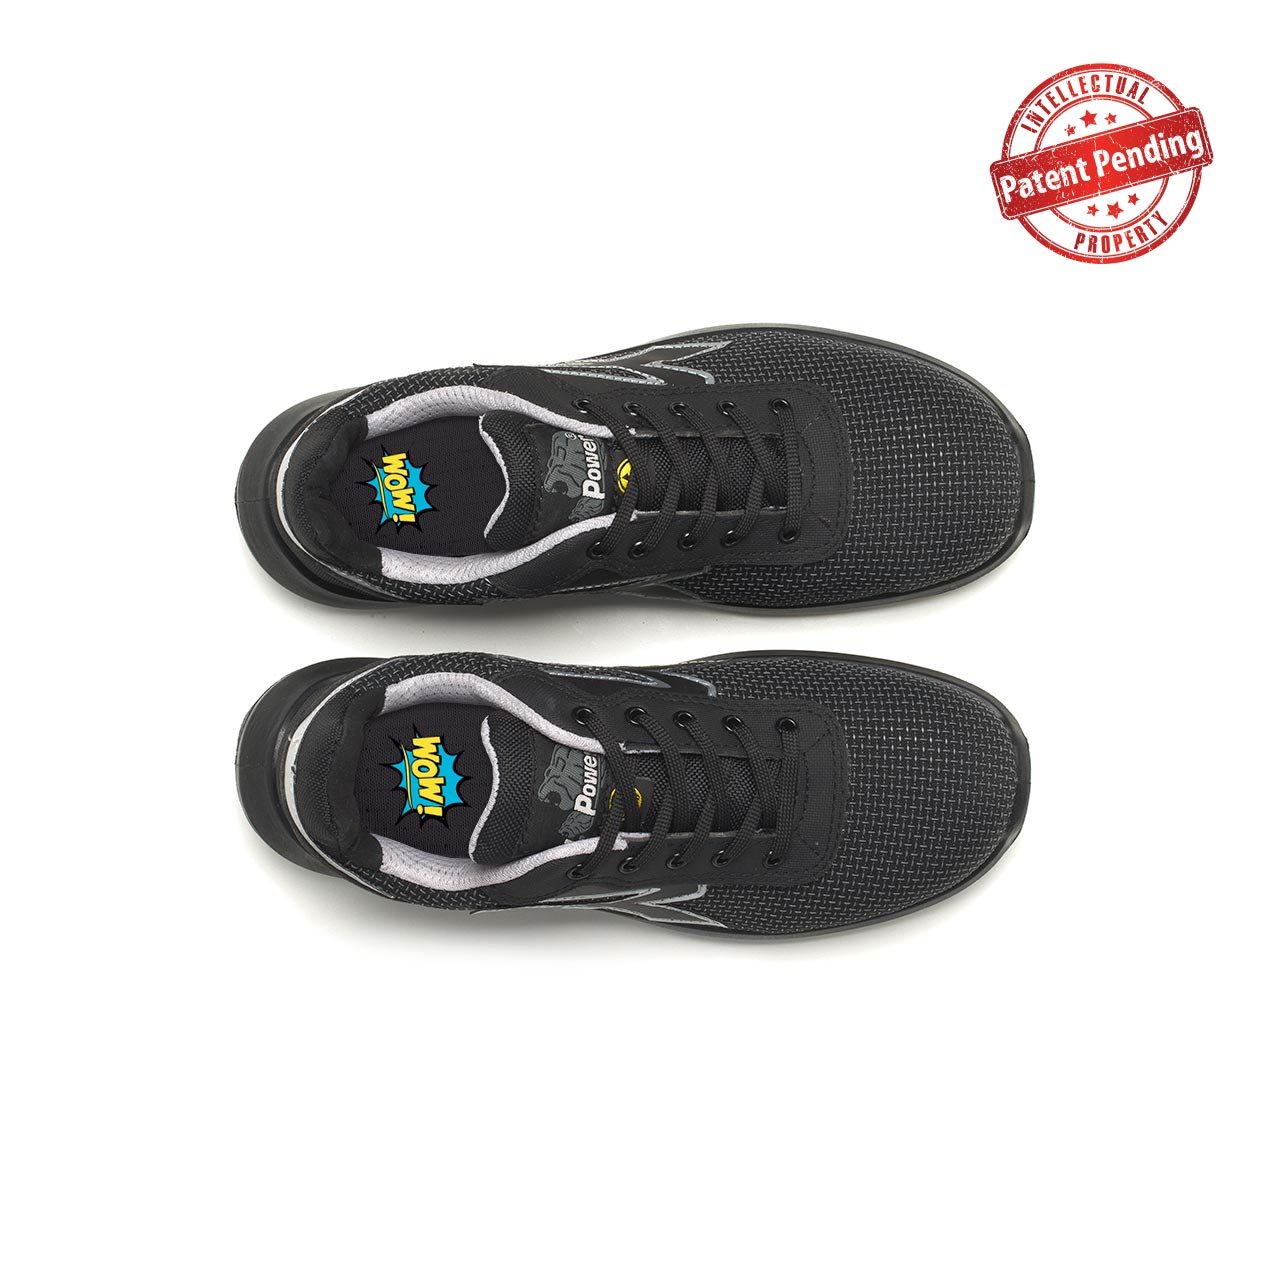 paio di scarpe antinfortunistiche upower modello scudo linea redup vista top